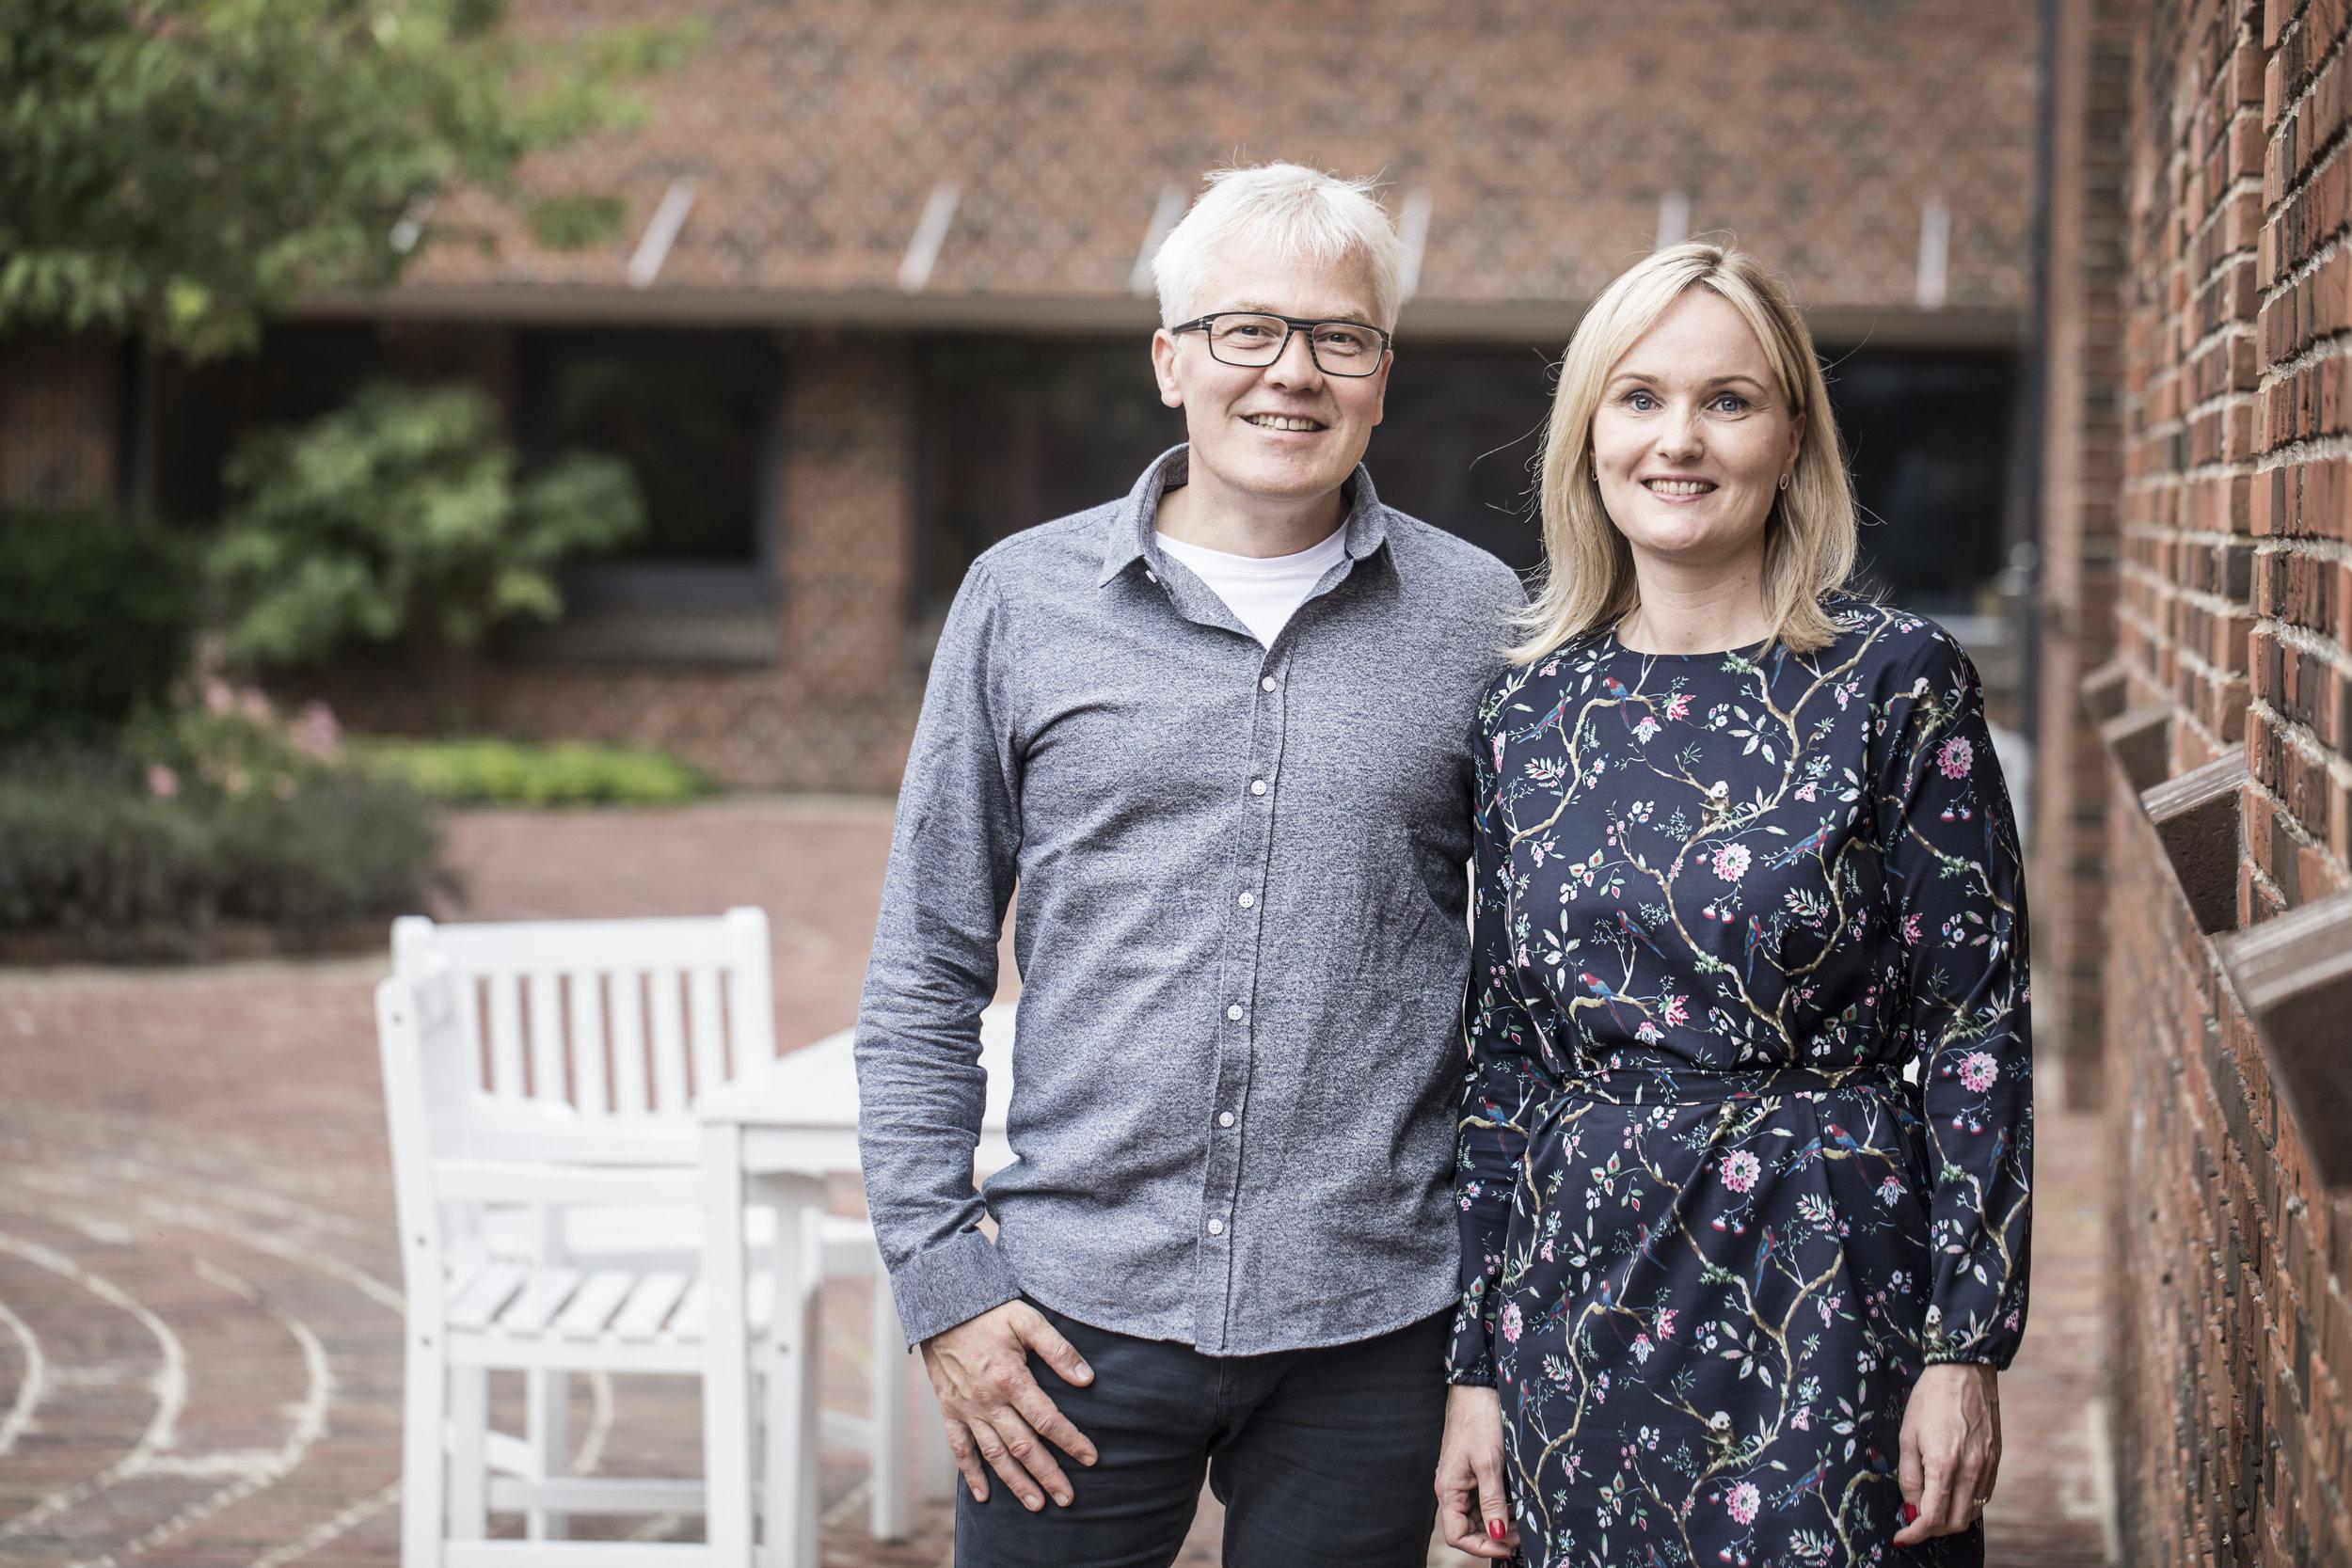 Har selv gået vejen - Jørgen og Lotte har selv gået vejen, tabt sig 25 og 30 kilo og holdt vægten i en årrække.